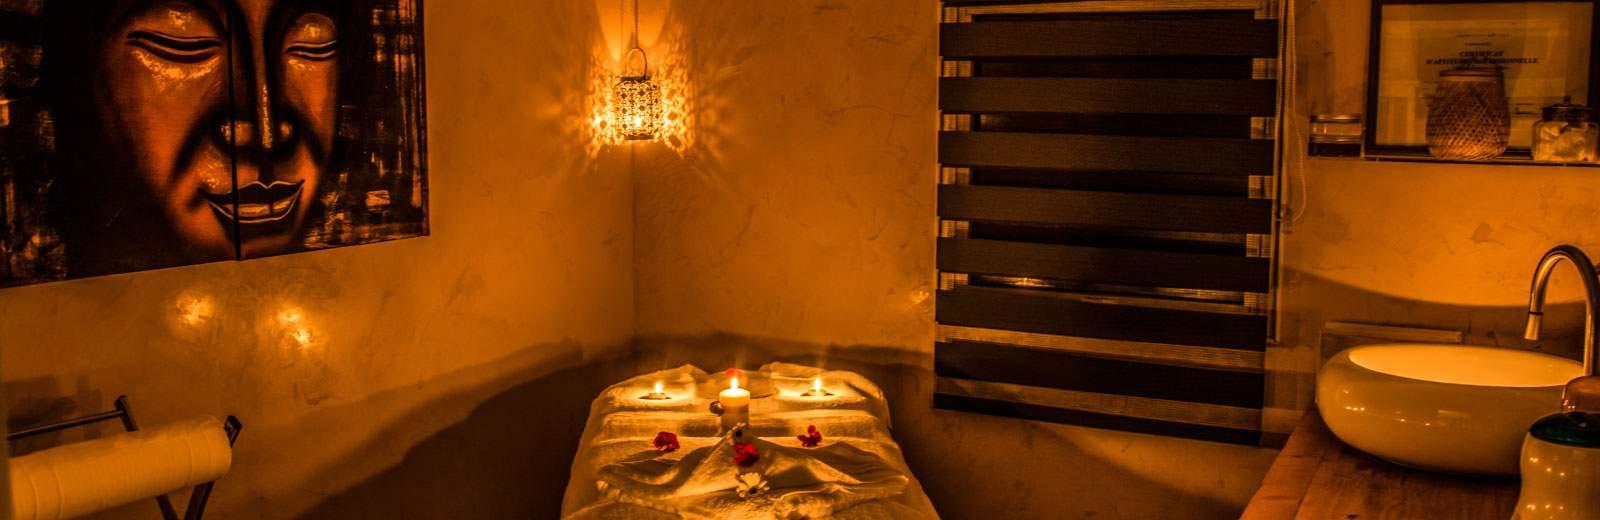 Découvrez dès maintenant l'espace bien-être du camping 3 étoiles Site de Gorge Vent.